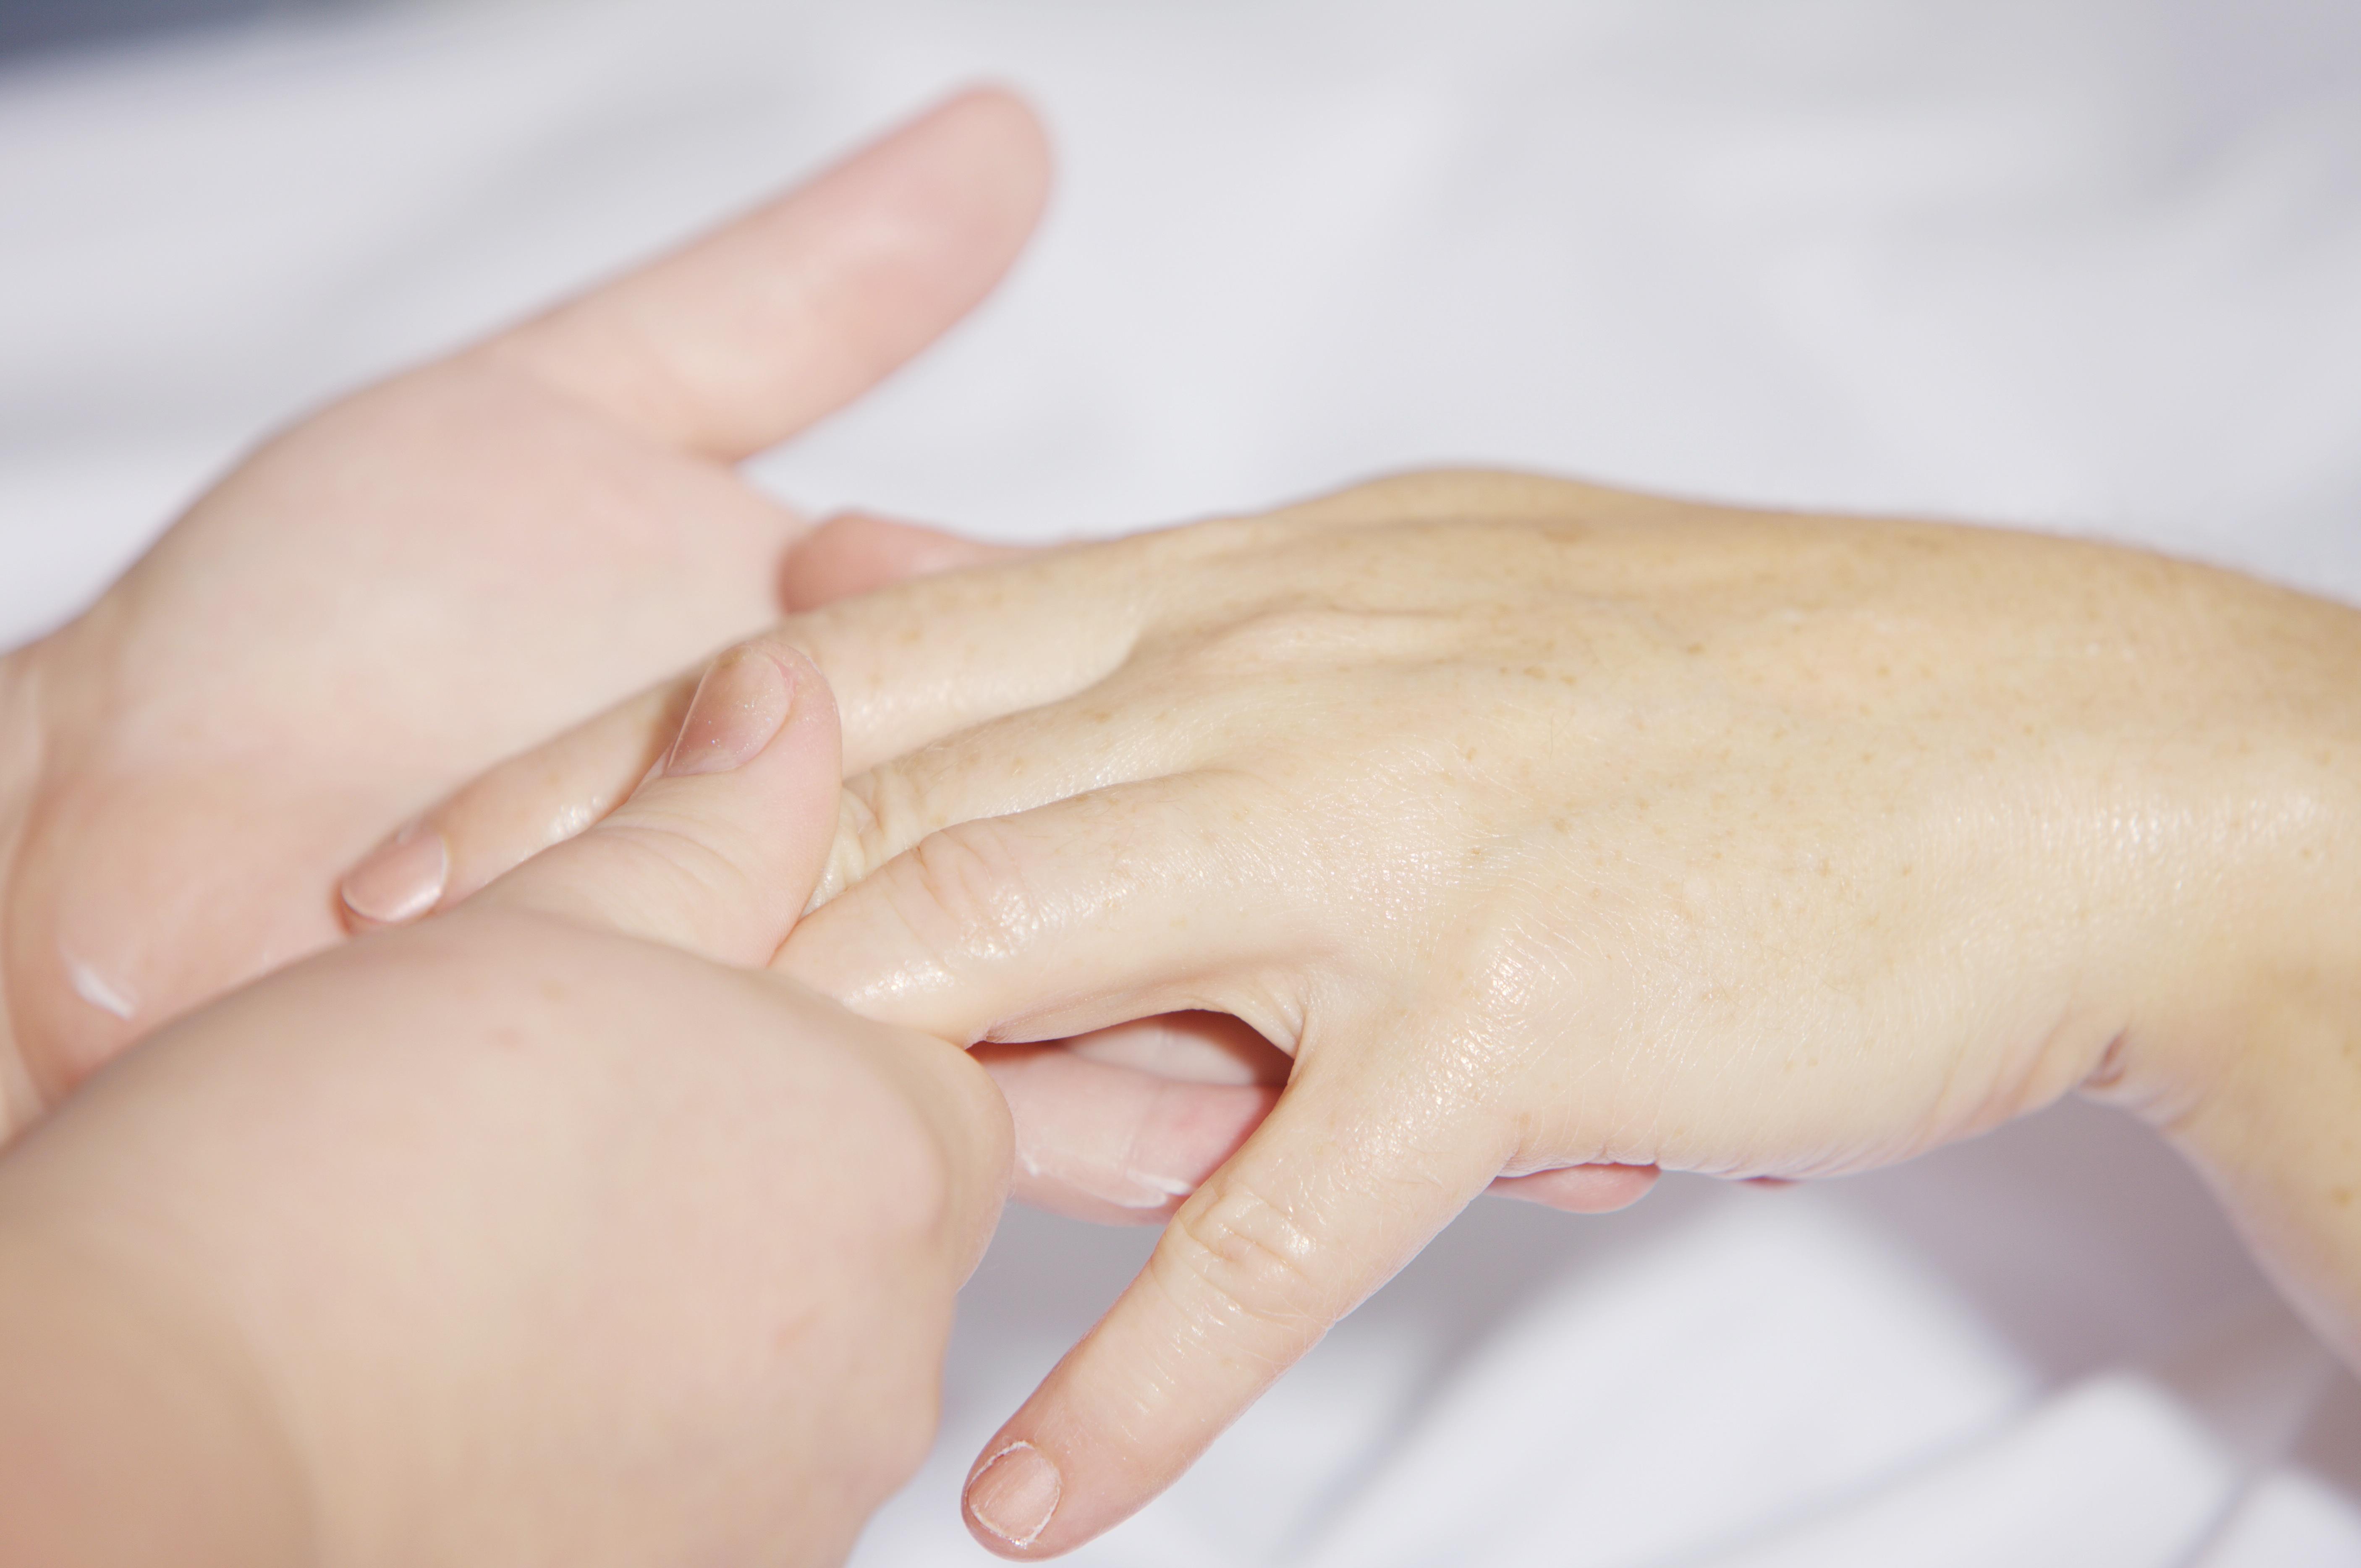 Tipps für schöne Hände